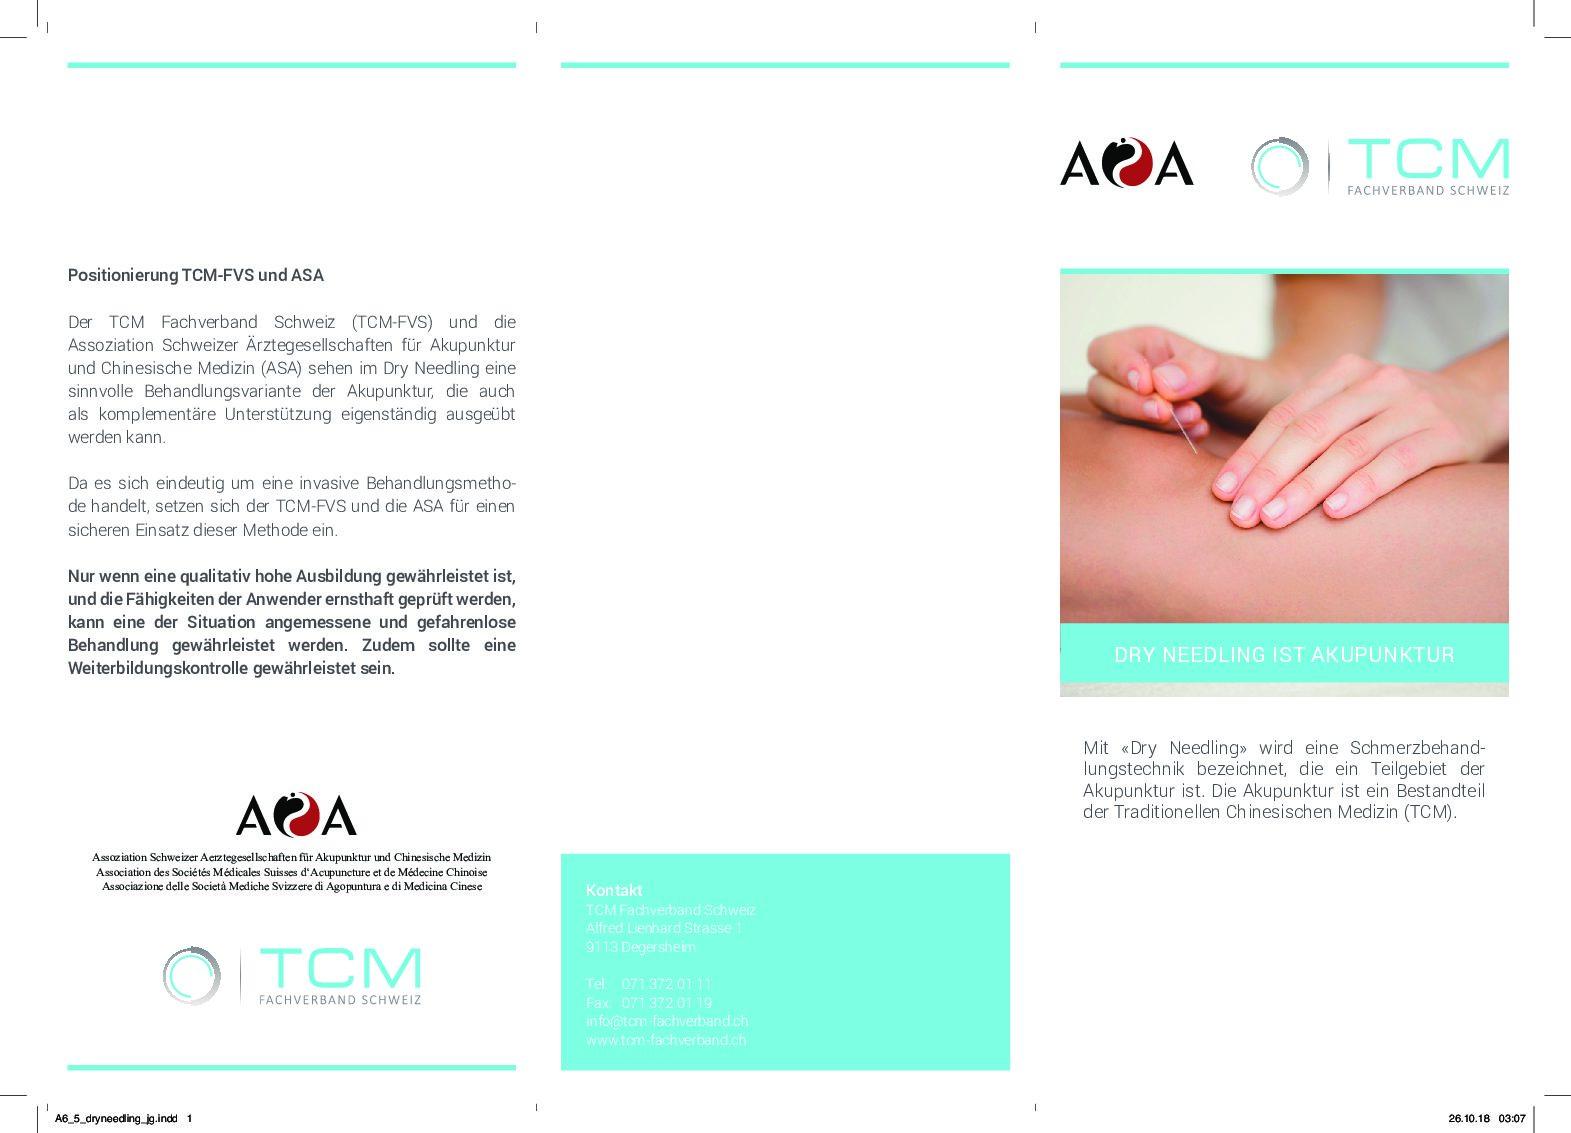 Merkblatt/Faltflyer: Dry Needling Ist Akupunktur